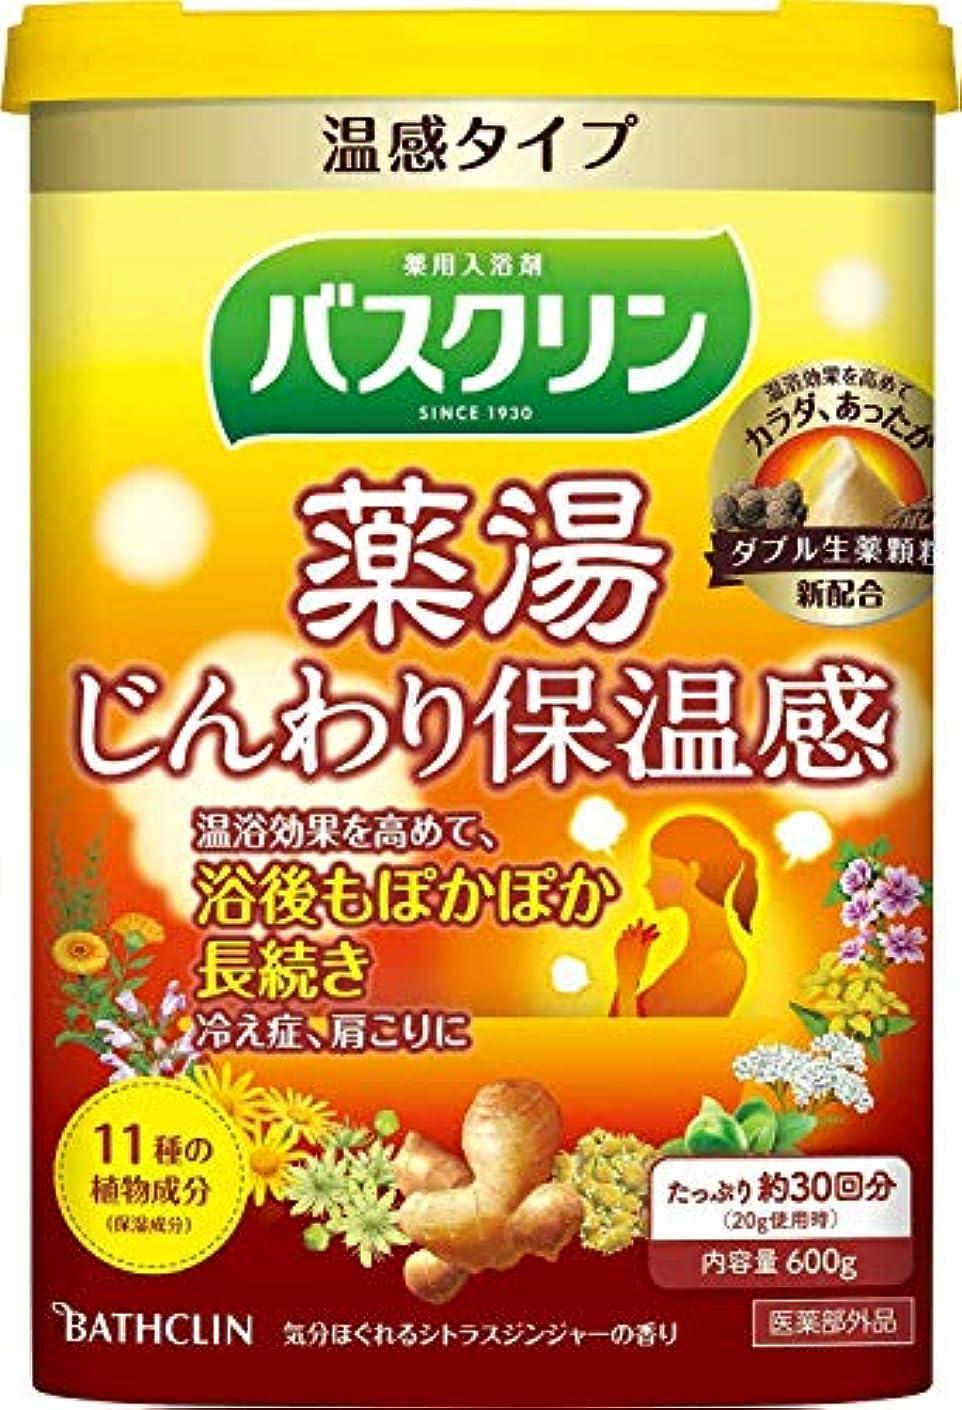 運賃プロフィール誓い【医薬部外品】バスクリン薬湯じんわり保温感600g入浴剤(約30回分)